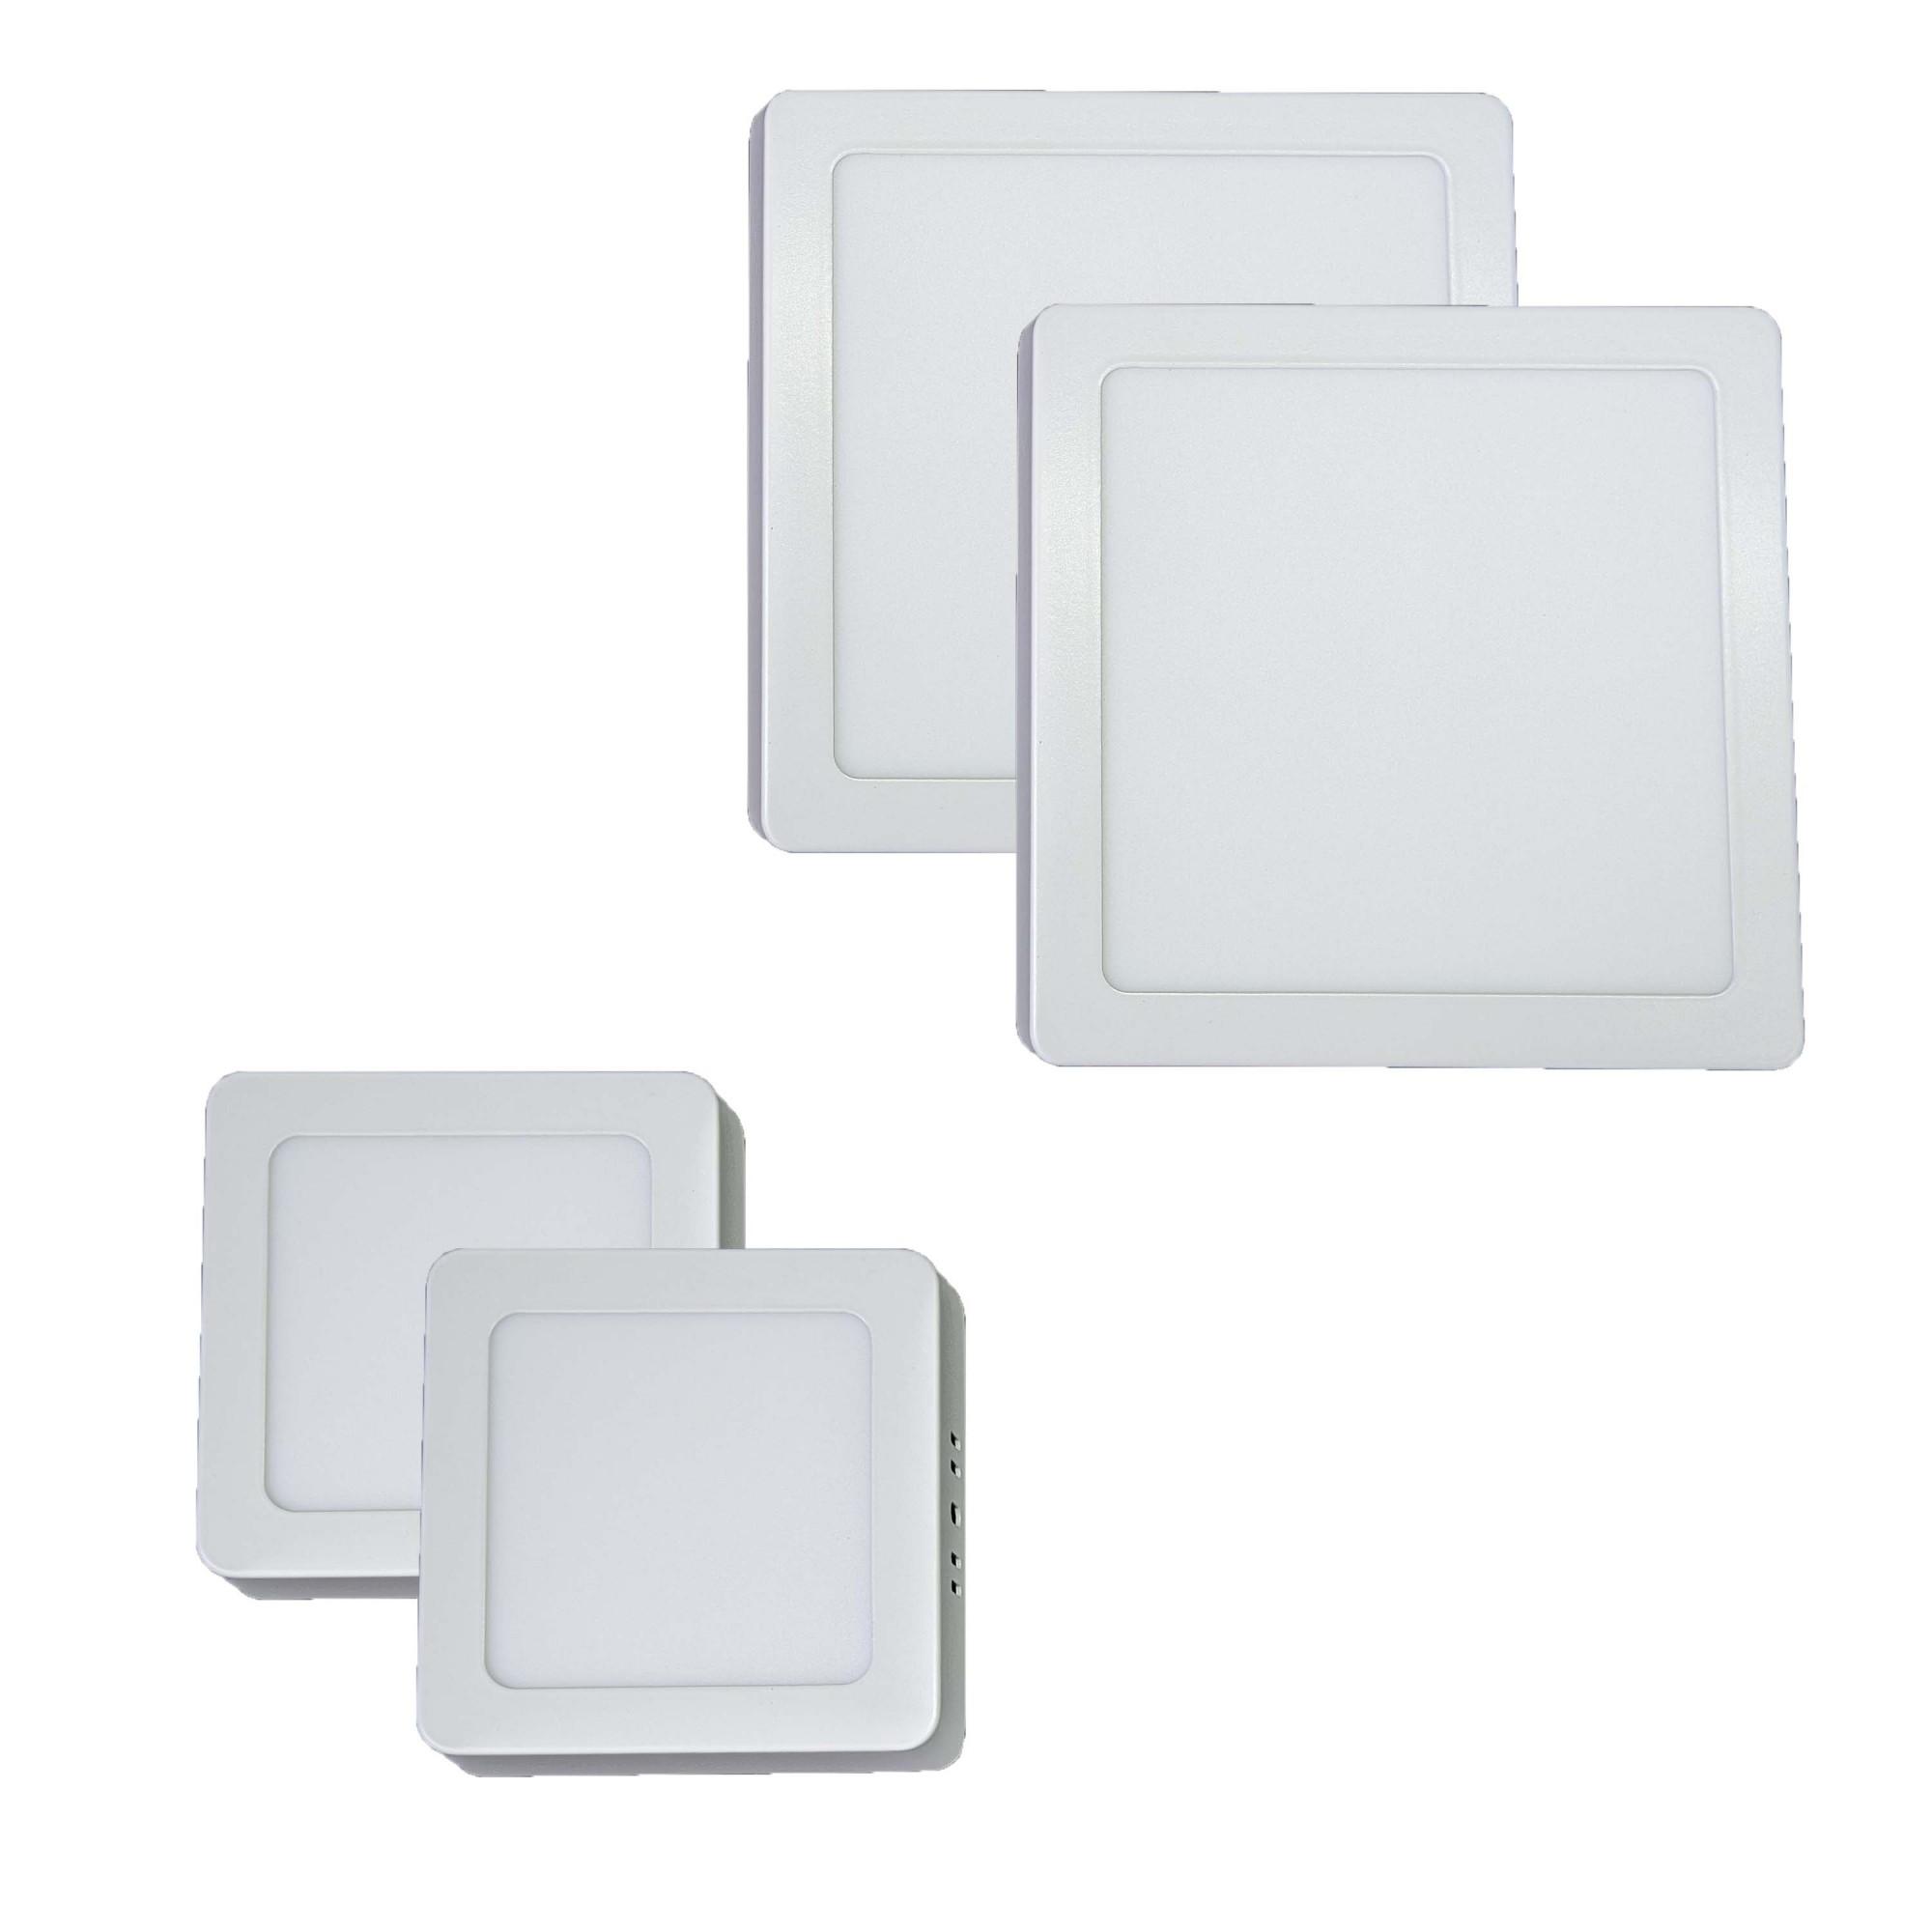 Iluminição banheiro Kit Luminárias 2 x 18W e 2 x 6W Luz Fria Sobrepor